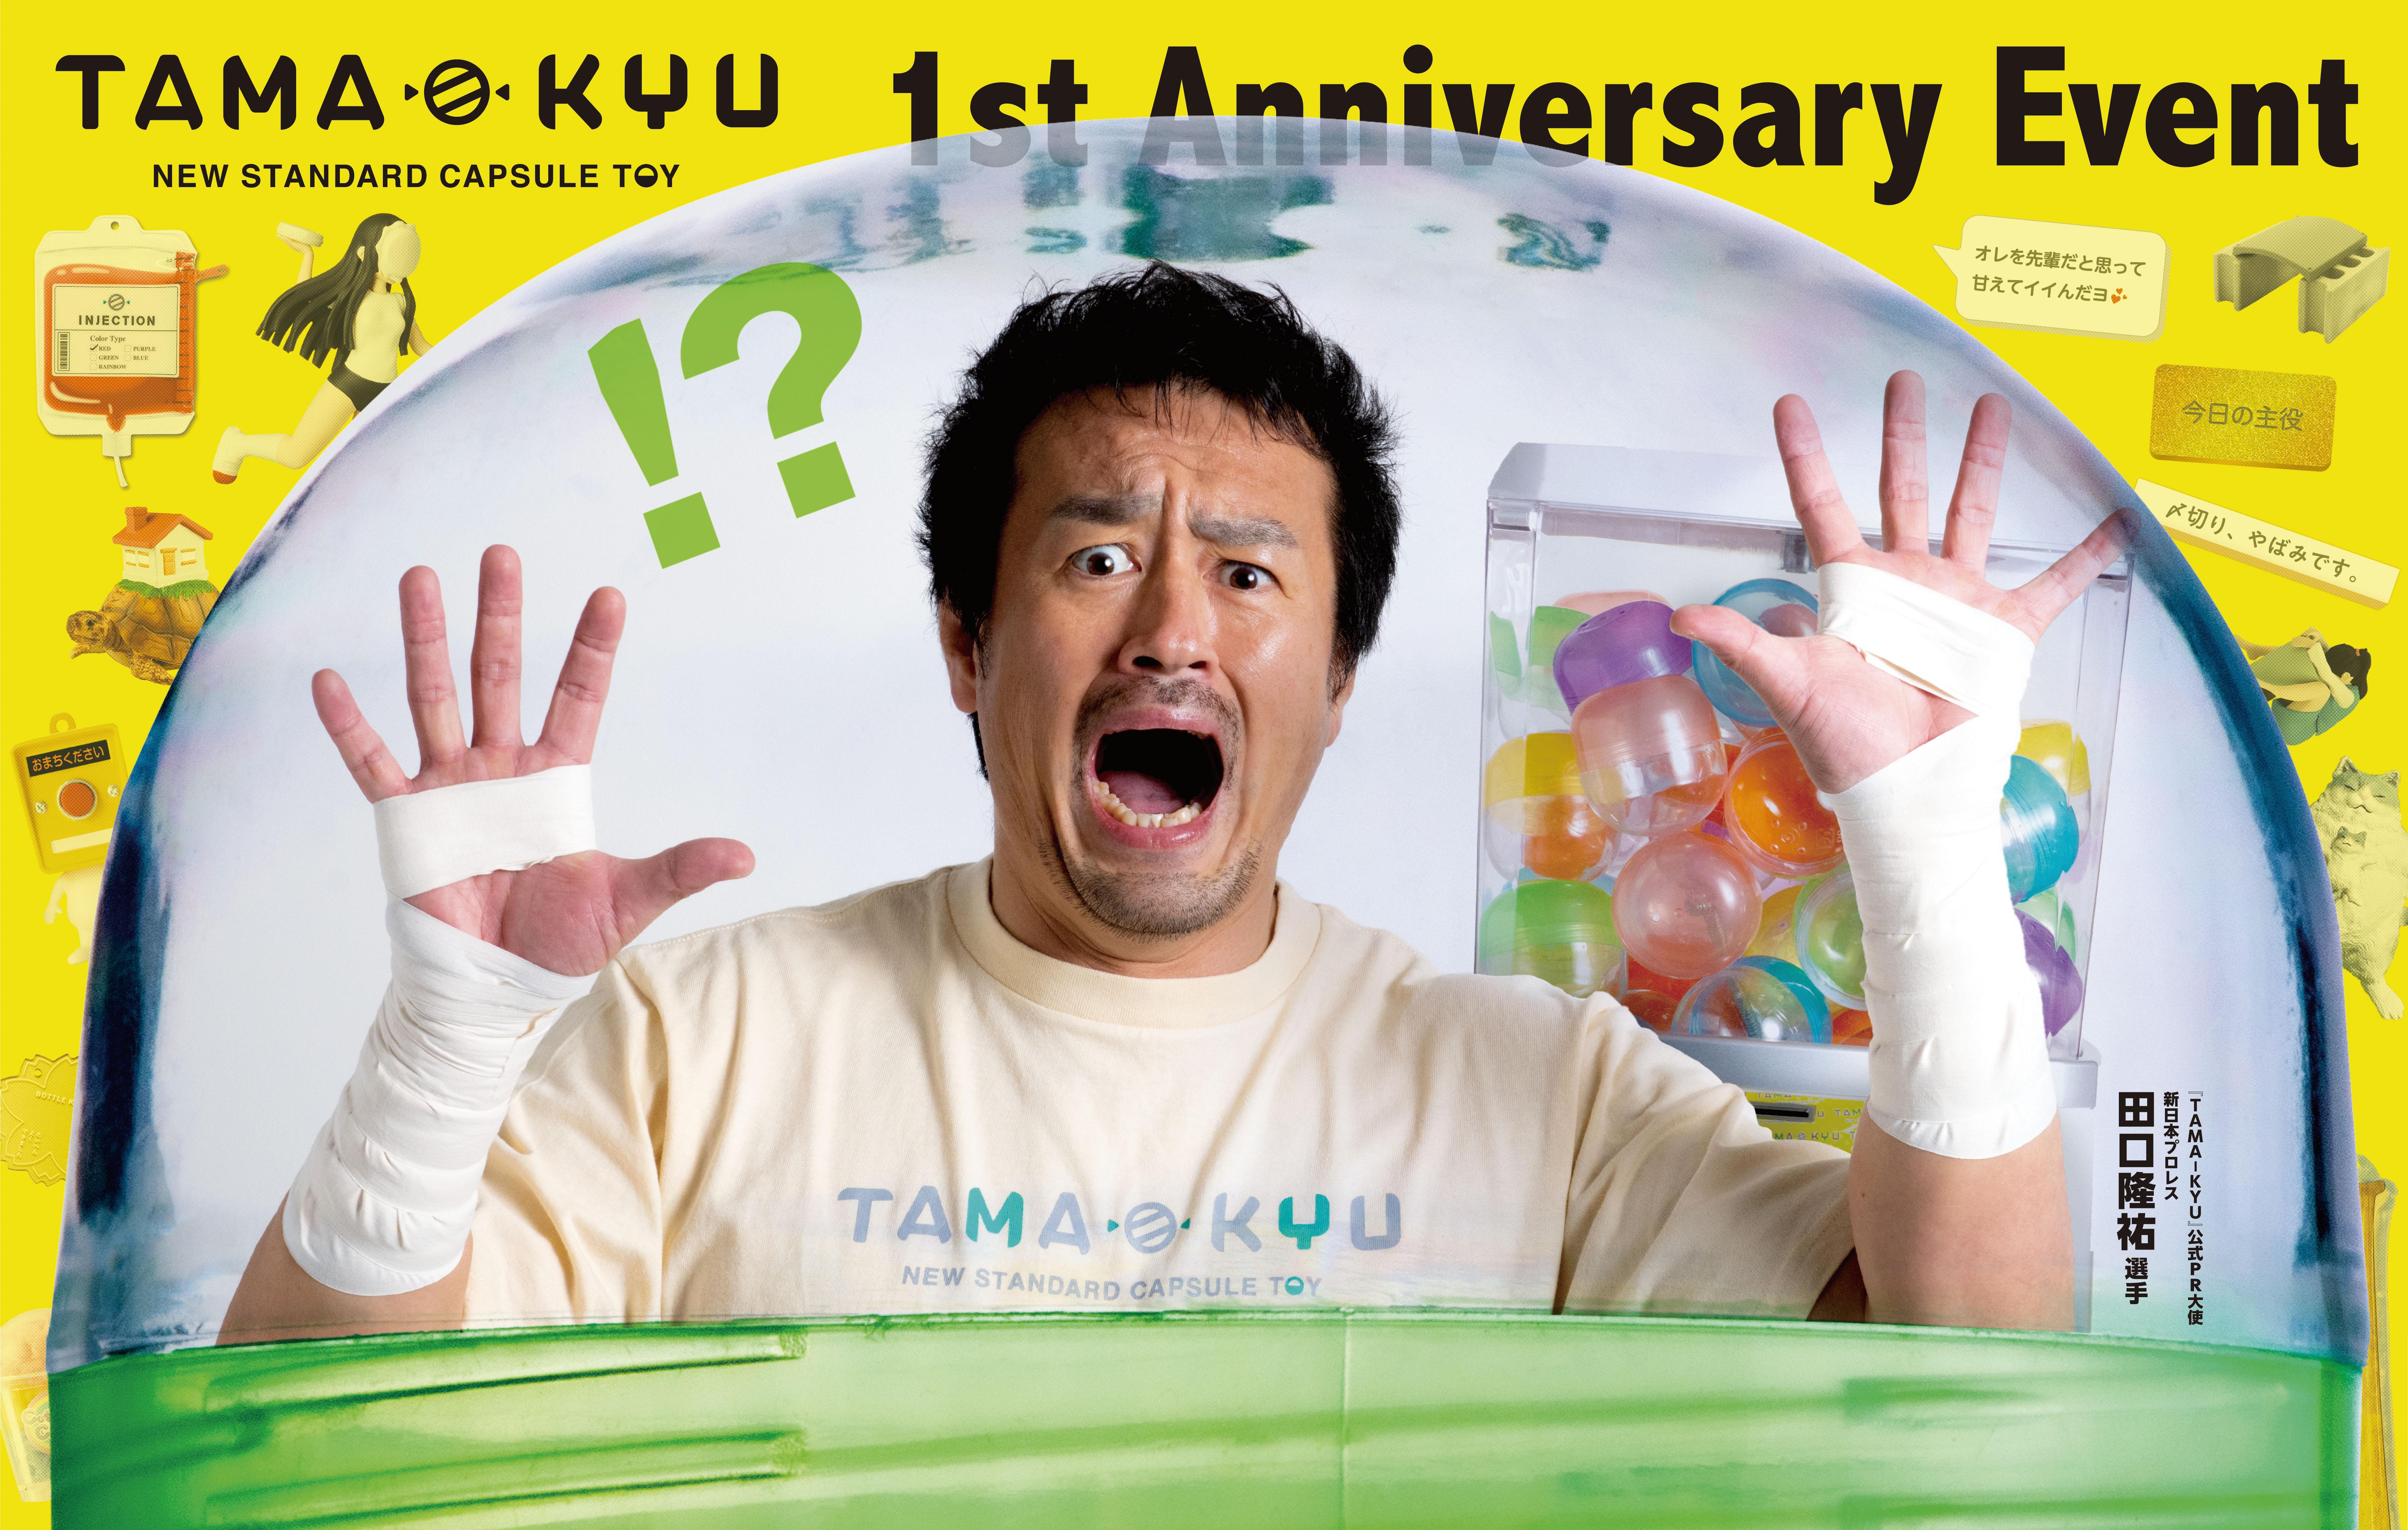 オリジナルカプセルトイブランド『TAMA-KYU(たまきゅう)』始動開始1周年記念ポップアップストア開催